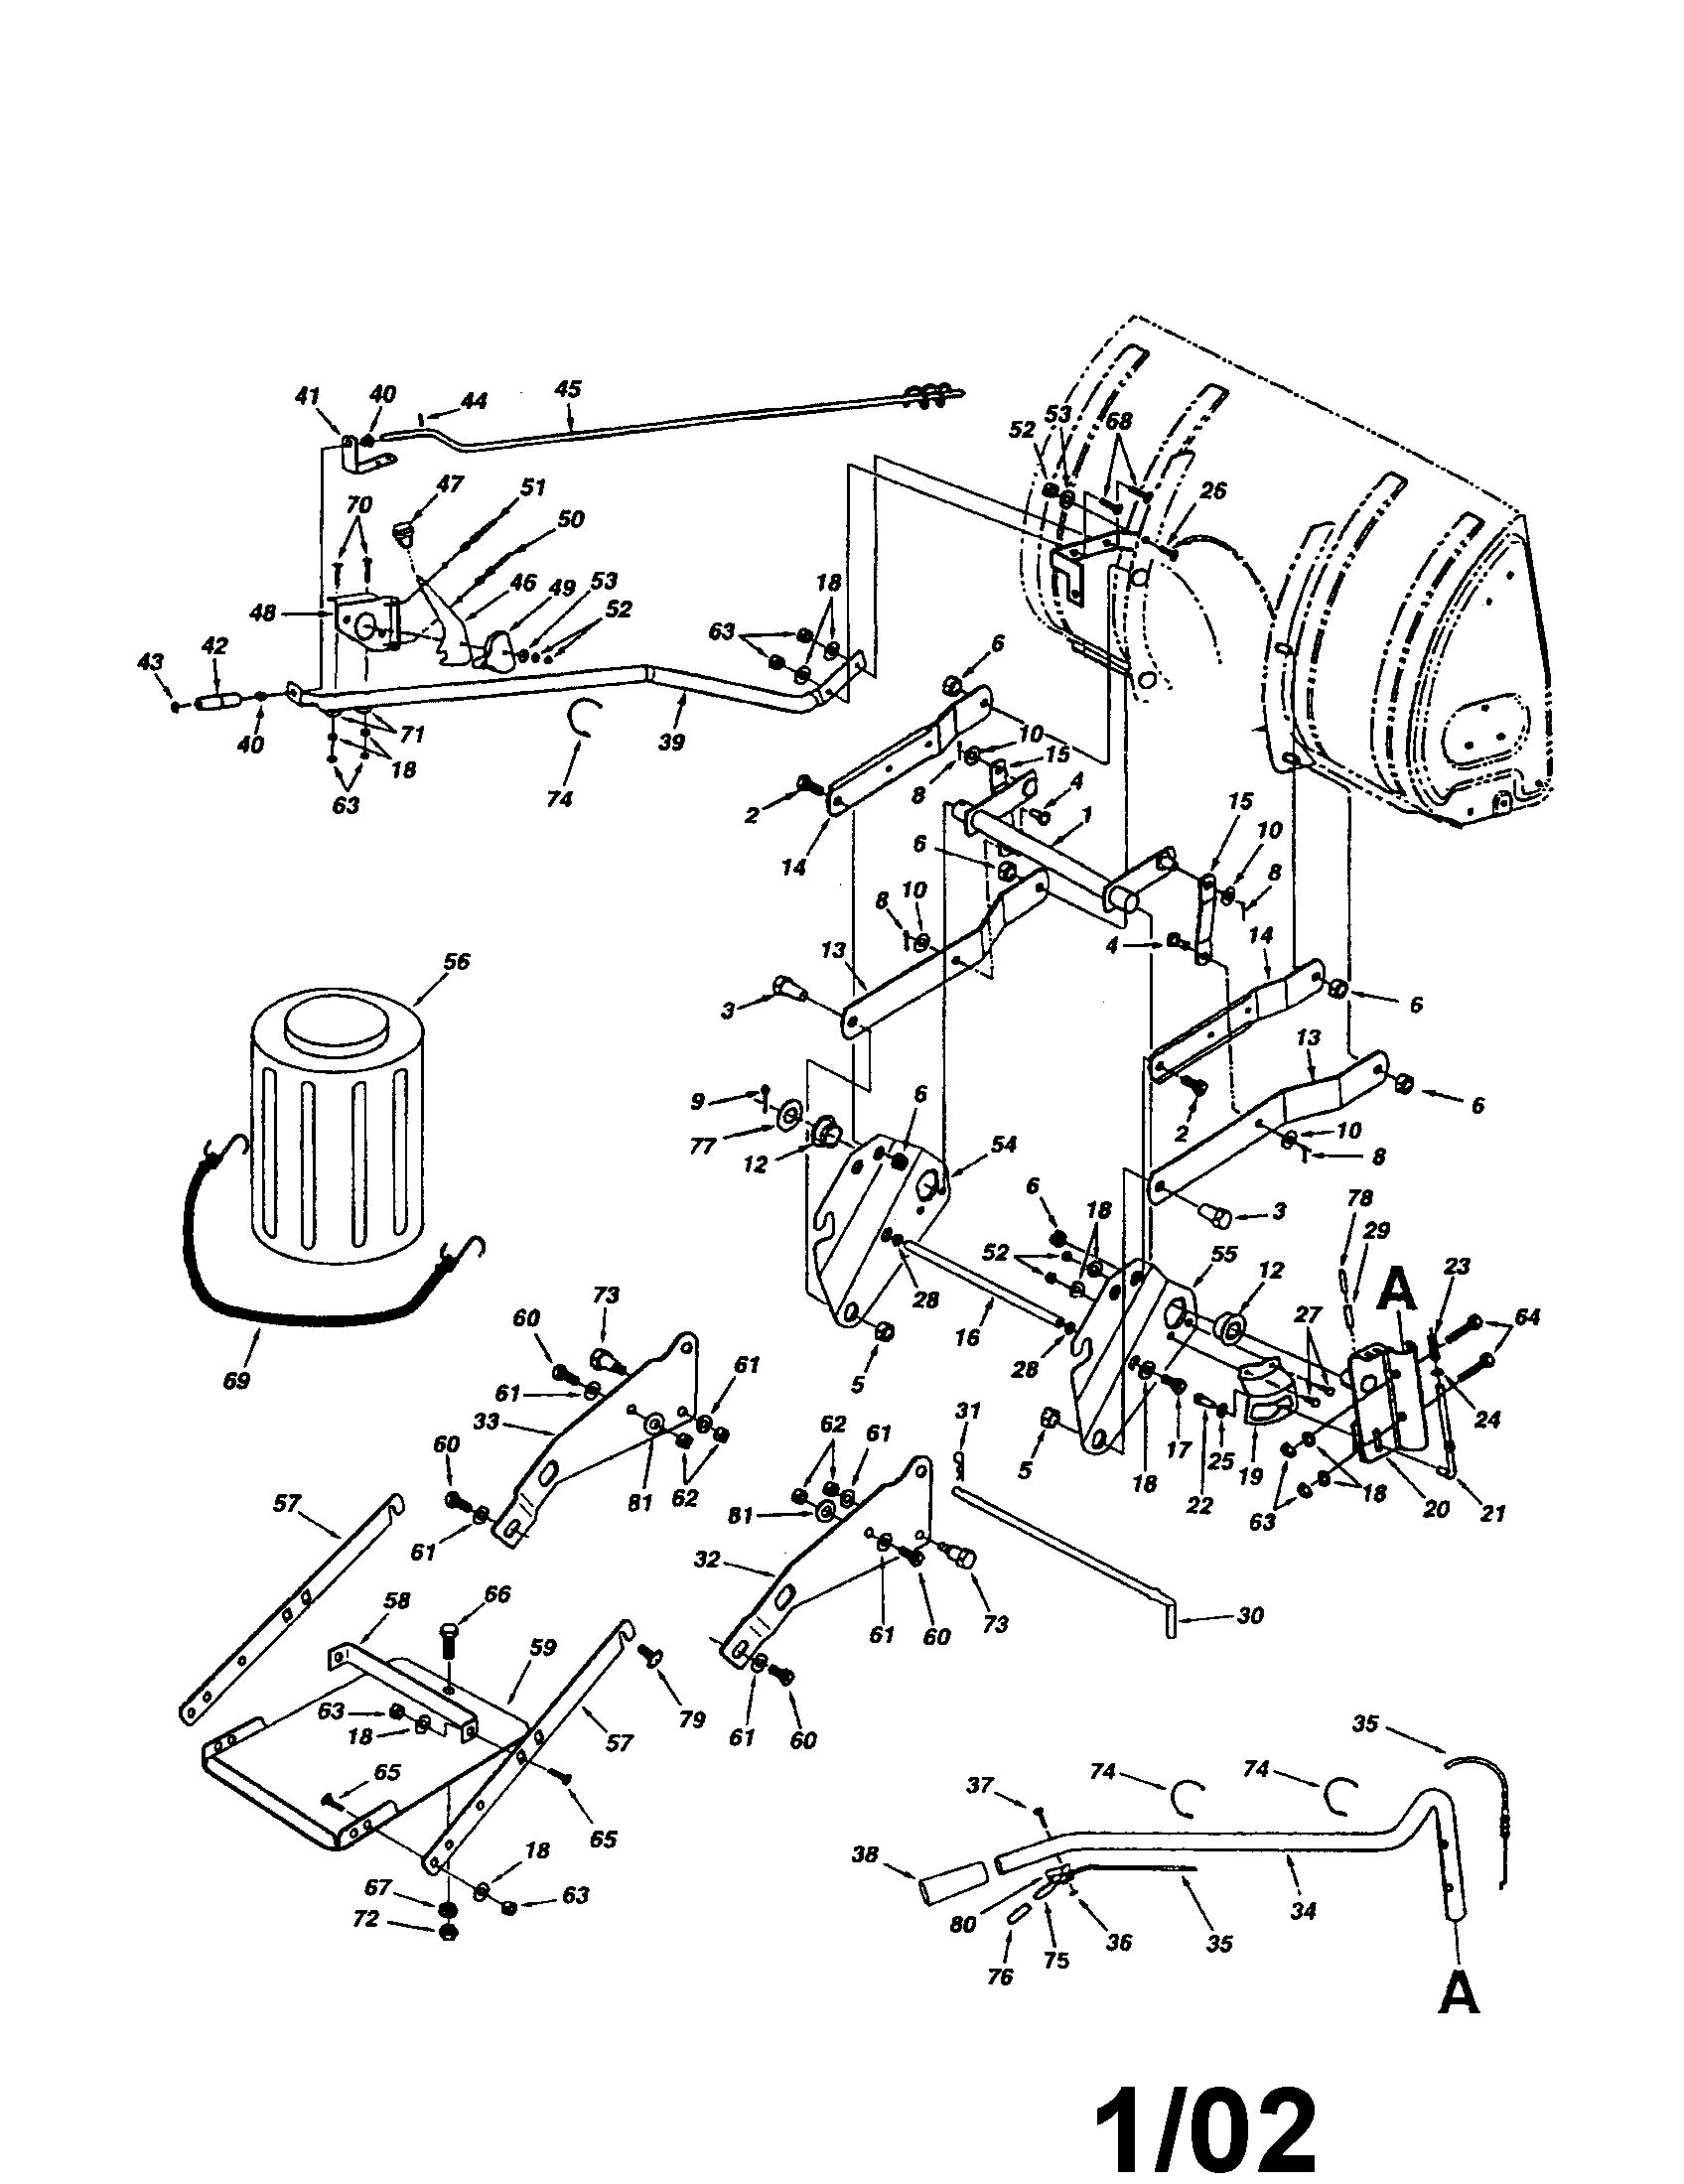 Craftsman model 48624839 snow thrower attachment genuine parts